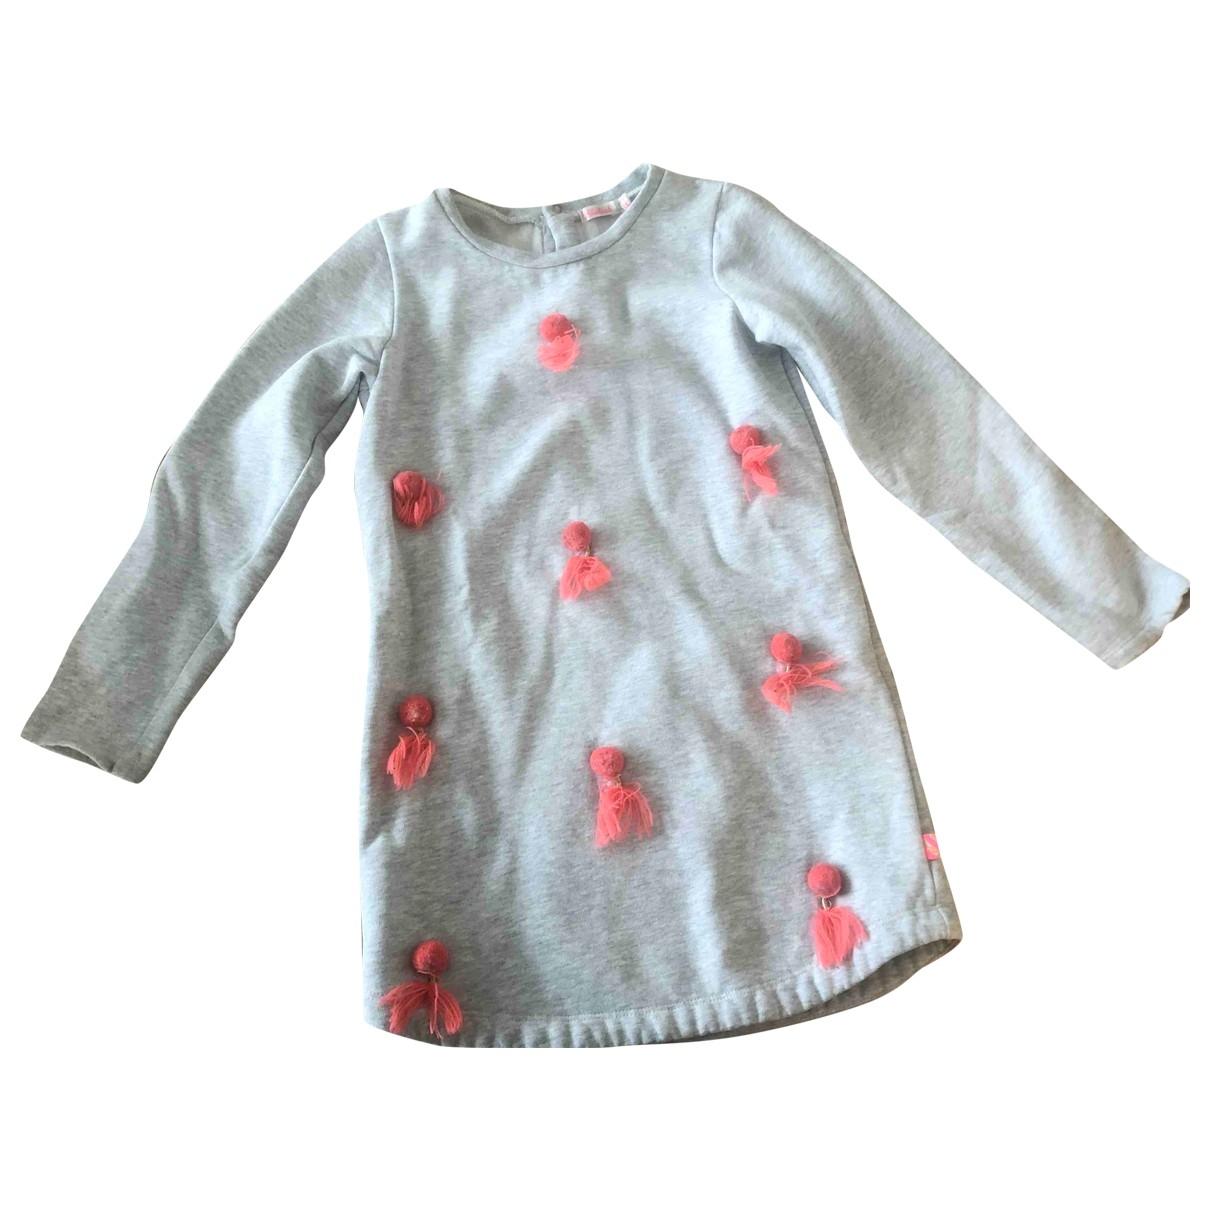 Billieblush \N Kleid in  Grau Baumwolle - Elasthan